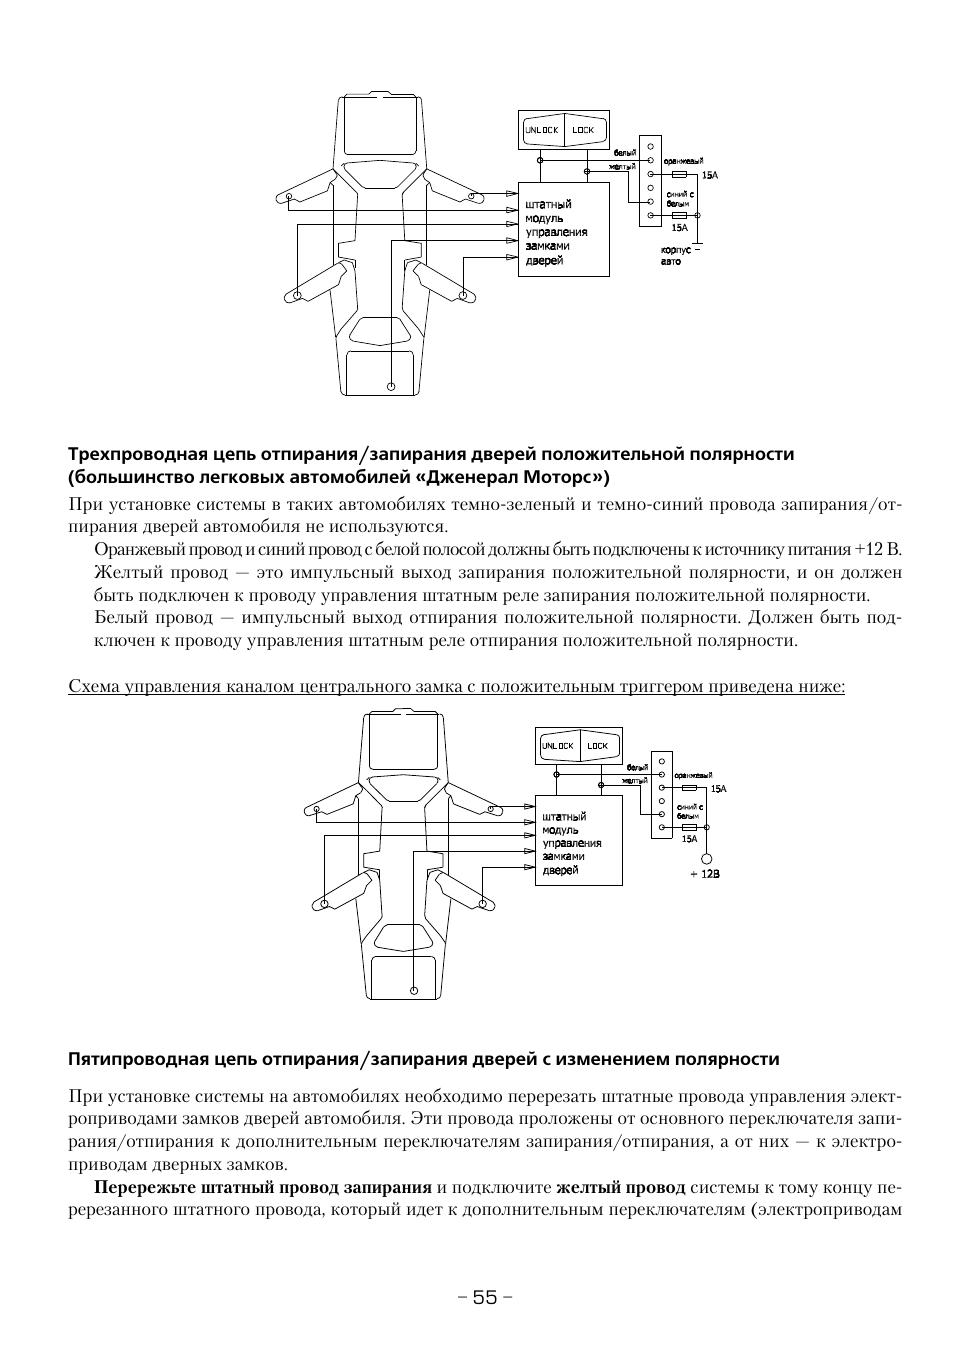 Схема электропривод закрывания двери авто